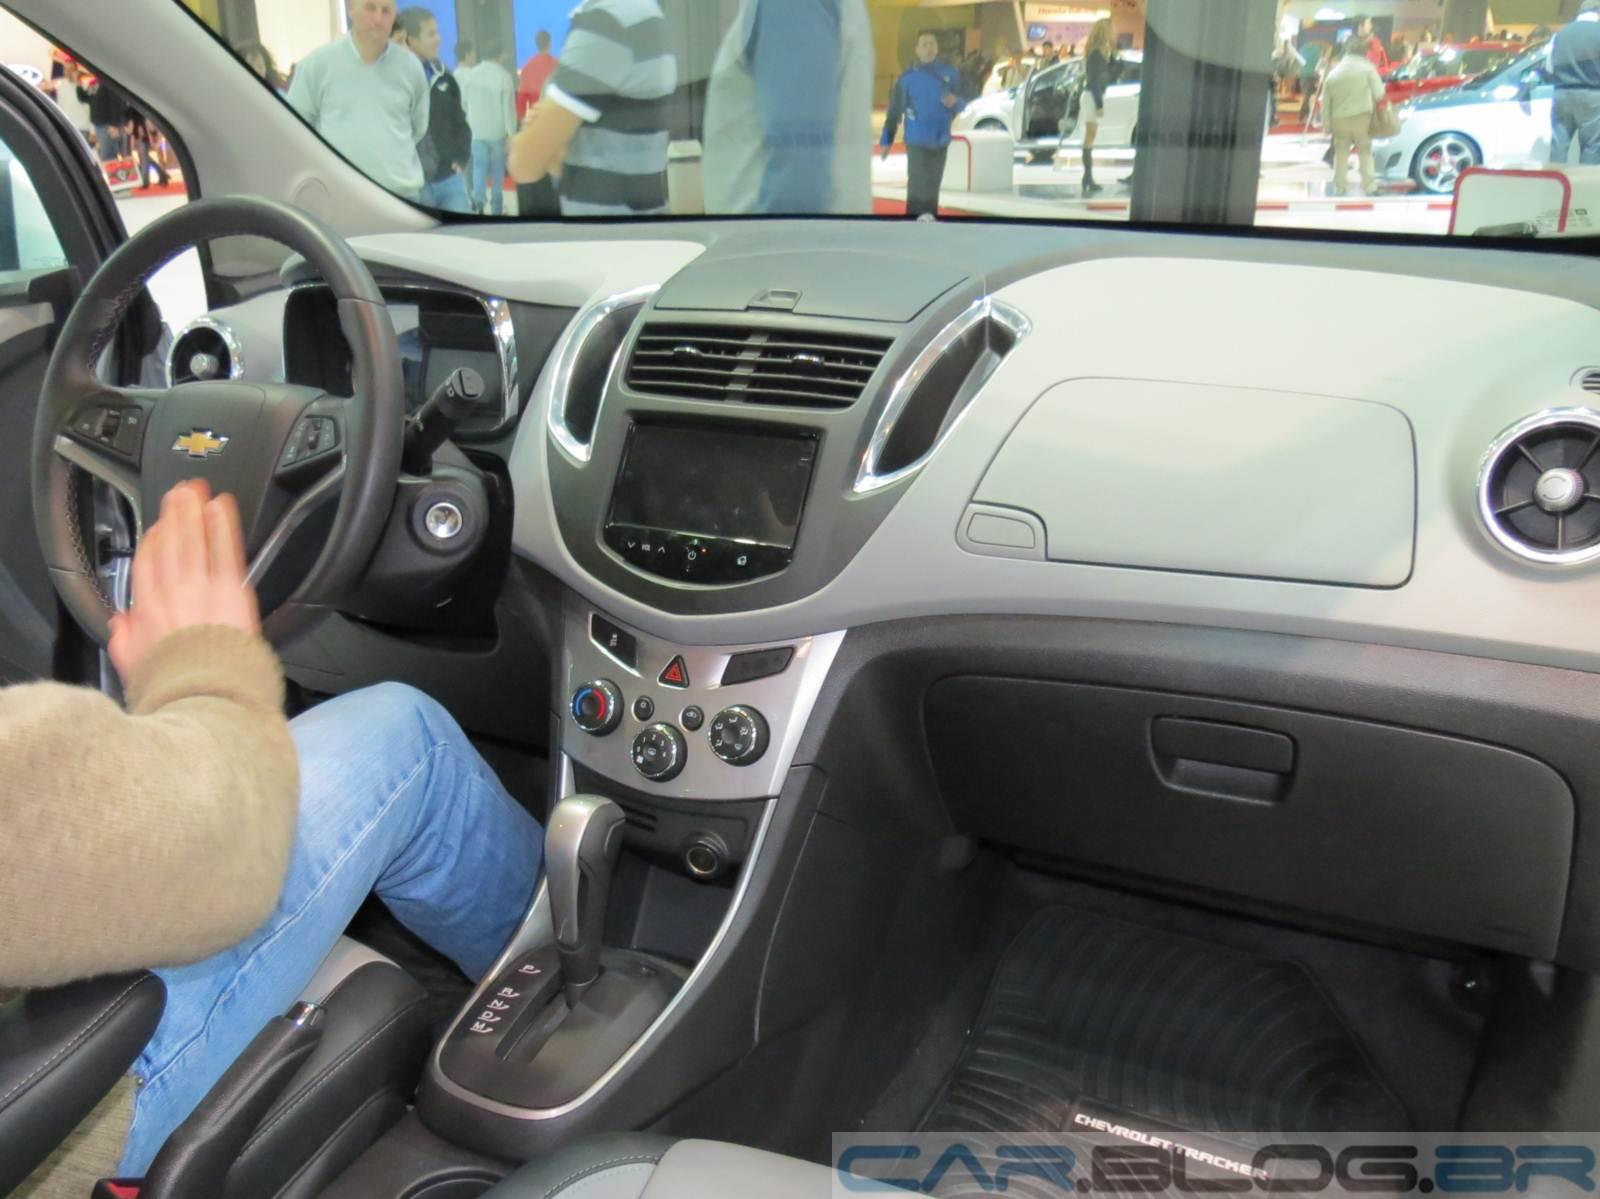 Novo Chevrolet Tracker 2014: fotos e vídeo | CAR.BLOG.BR